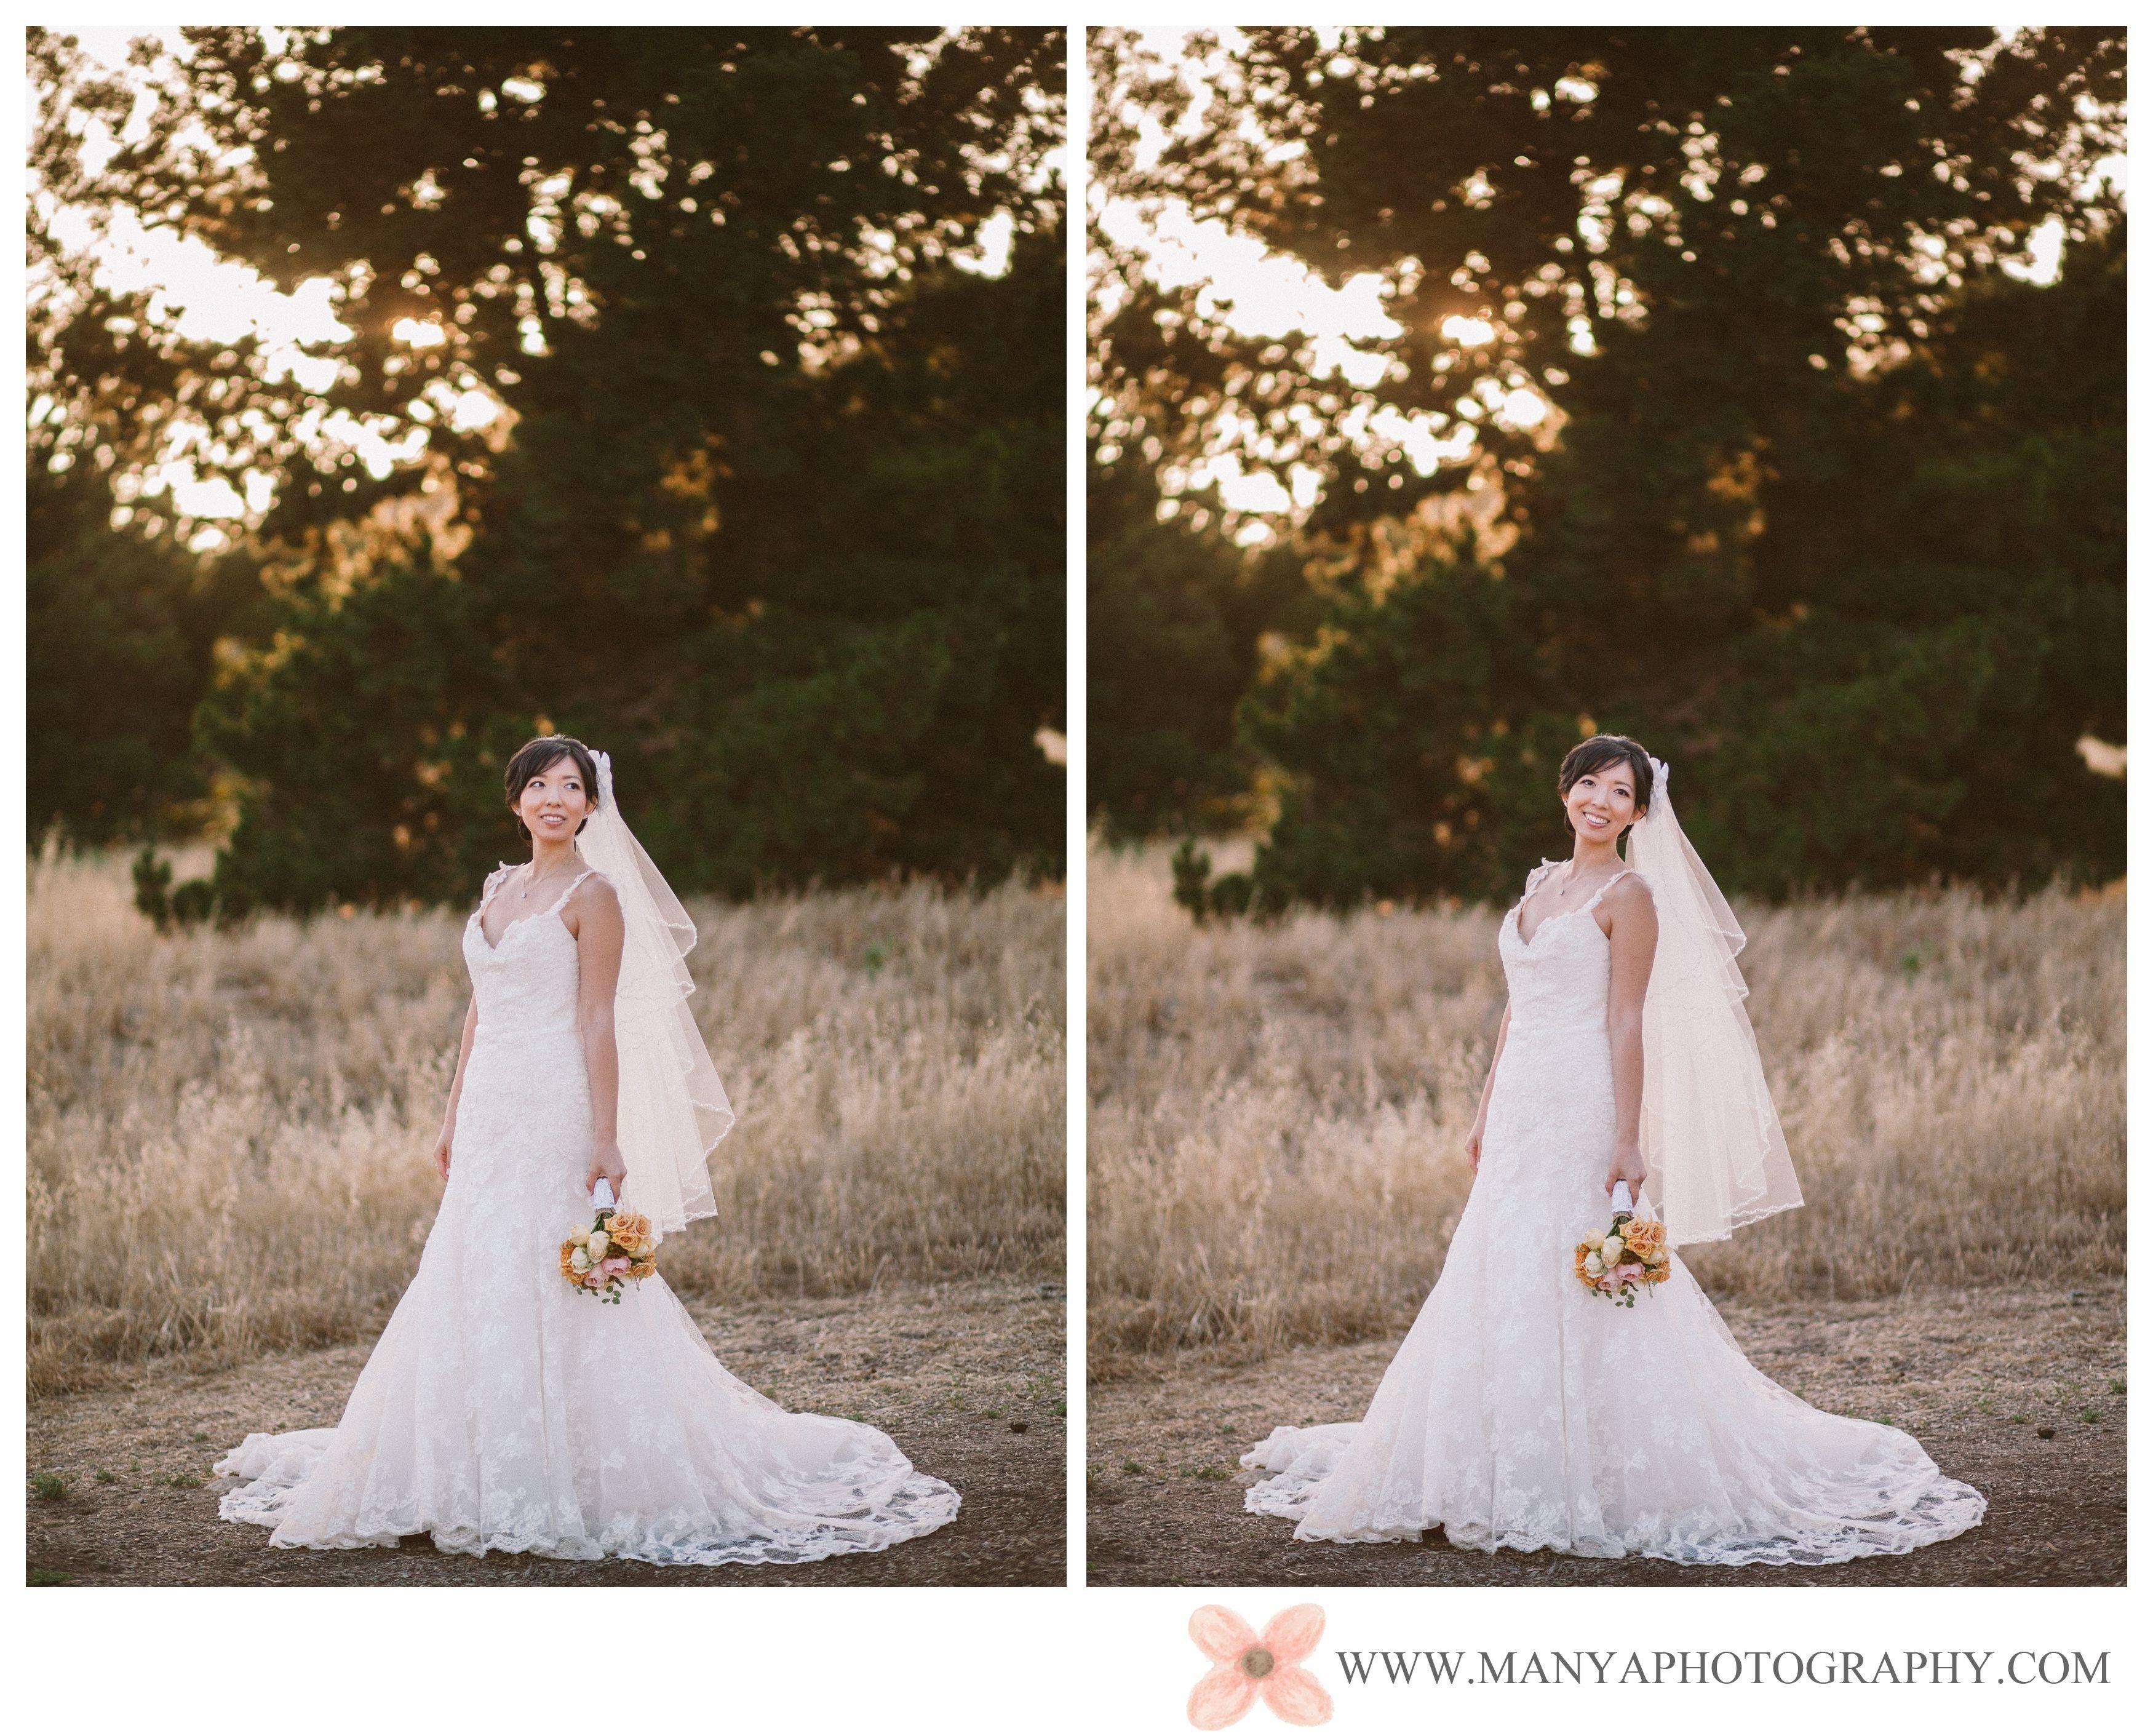 Angelic S Styled Bridal Photo Session Orange County Wedding Photographer Manya Photography Bridal Photos Orange County Wedding Photographer Orange County Wedding